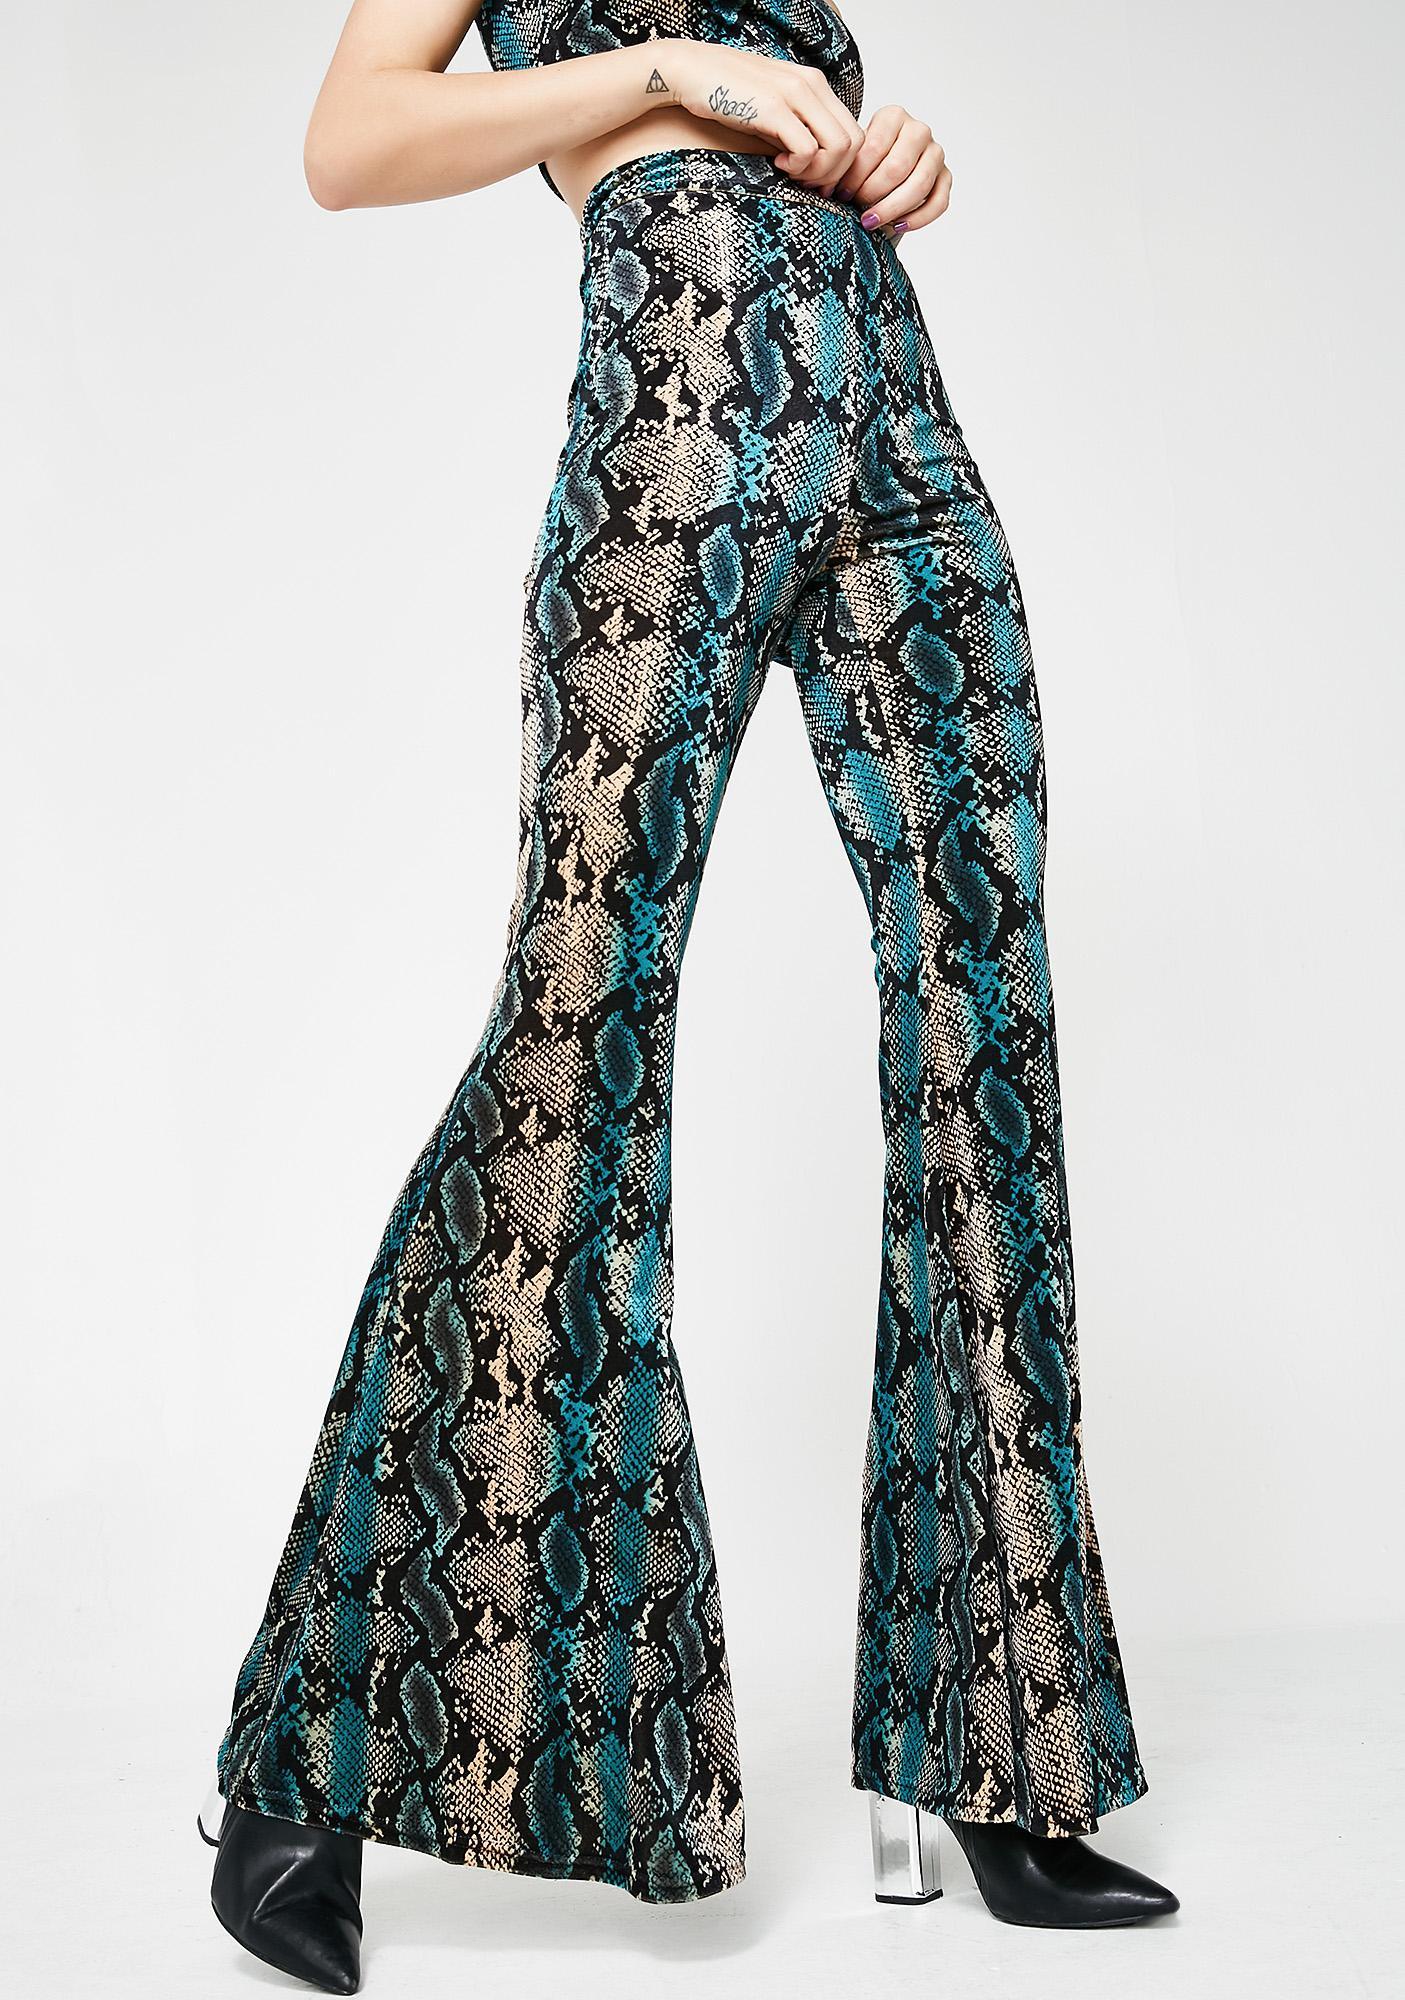 I AM GIA Delilah Pants